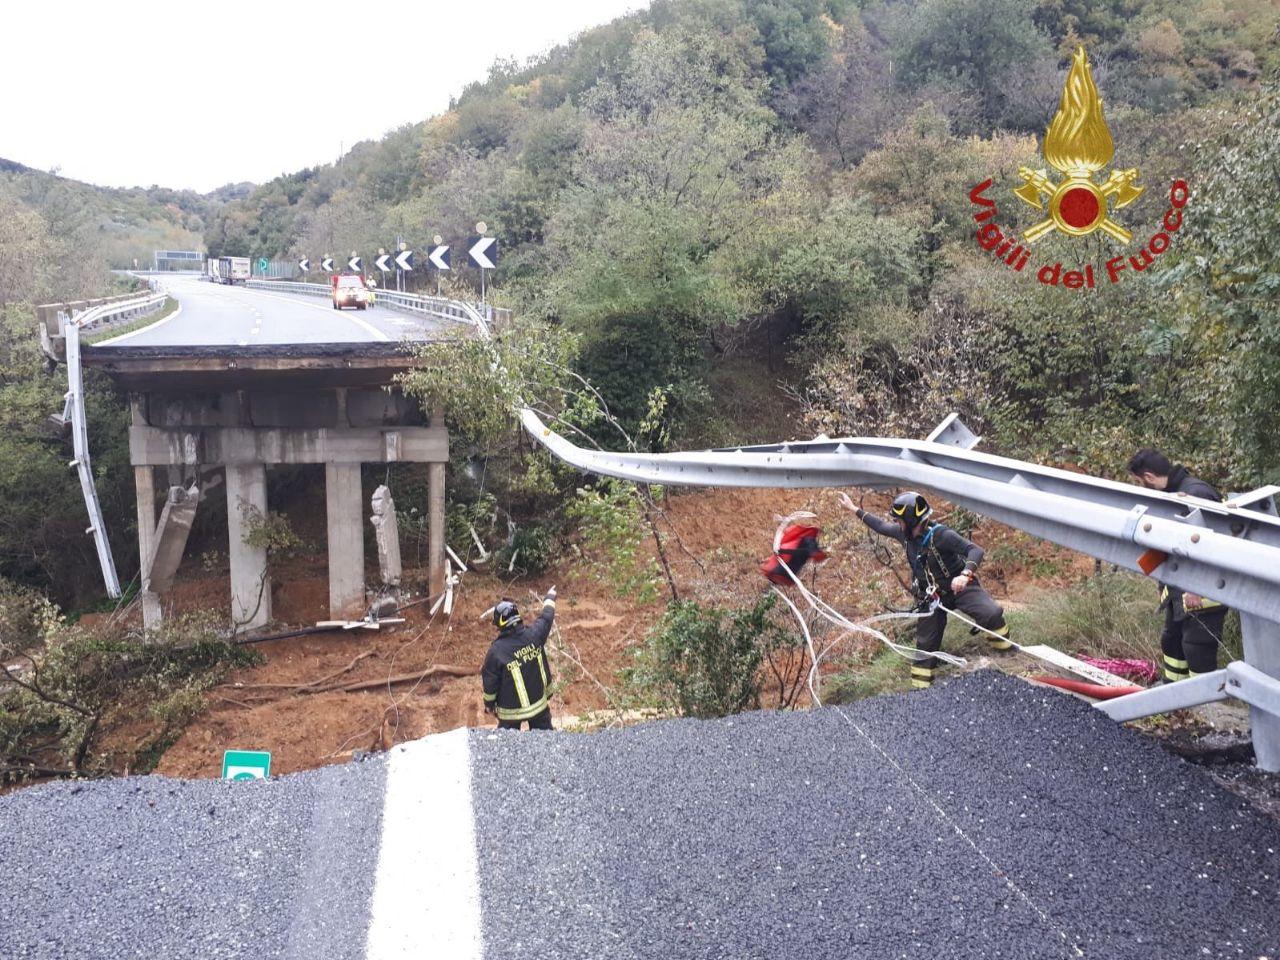 Crollo viadotto in Liguria, persone in salvo per miracolo